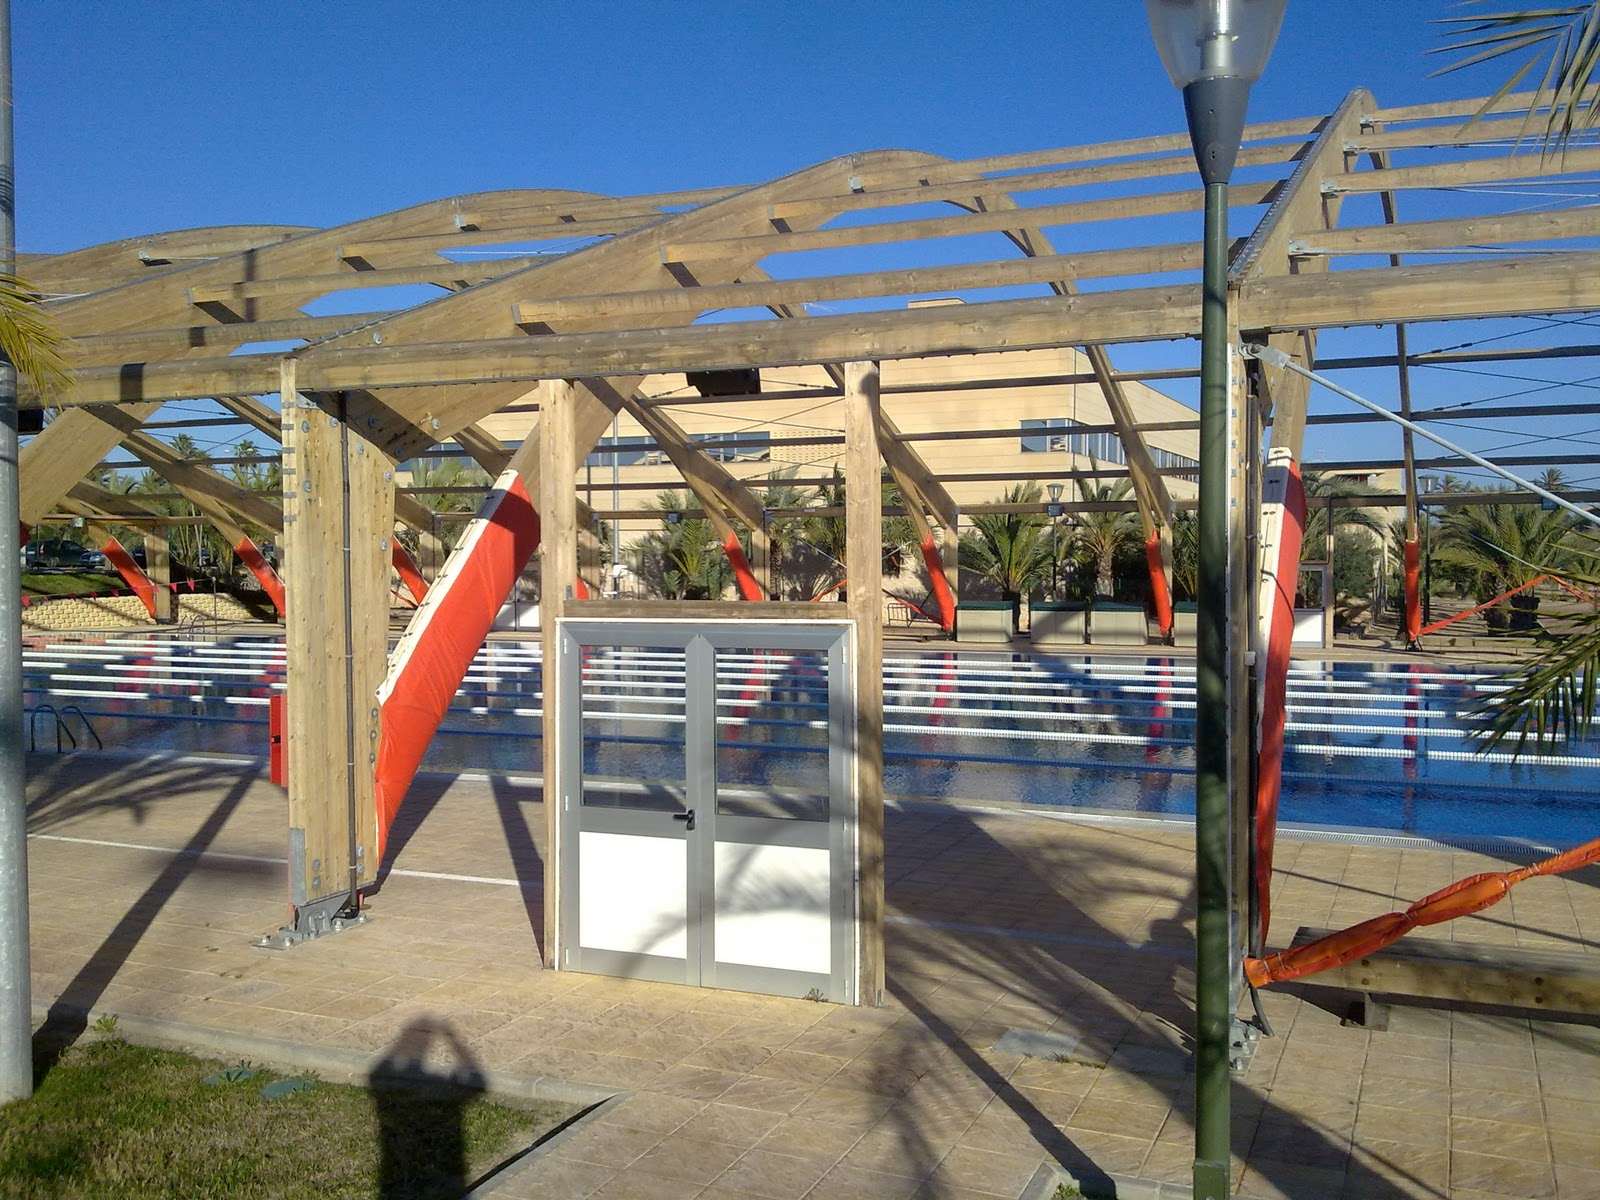 Las tres mellizas la umh y su piscina for Piscina universidad alicante